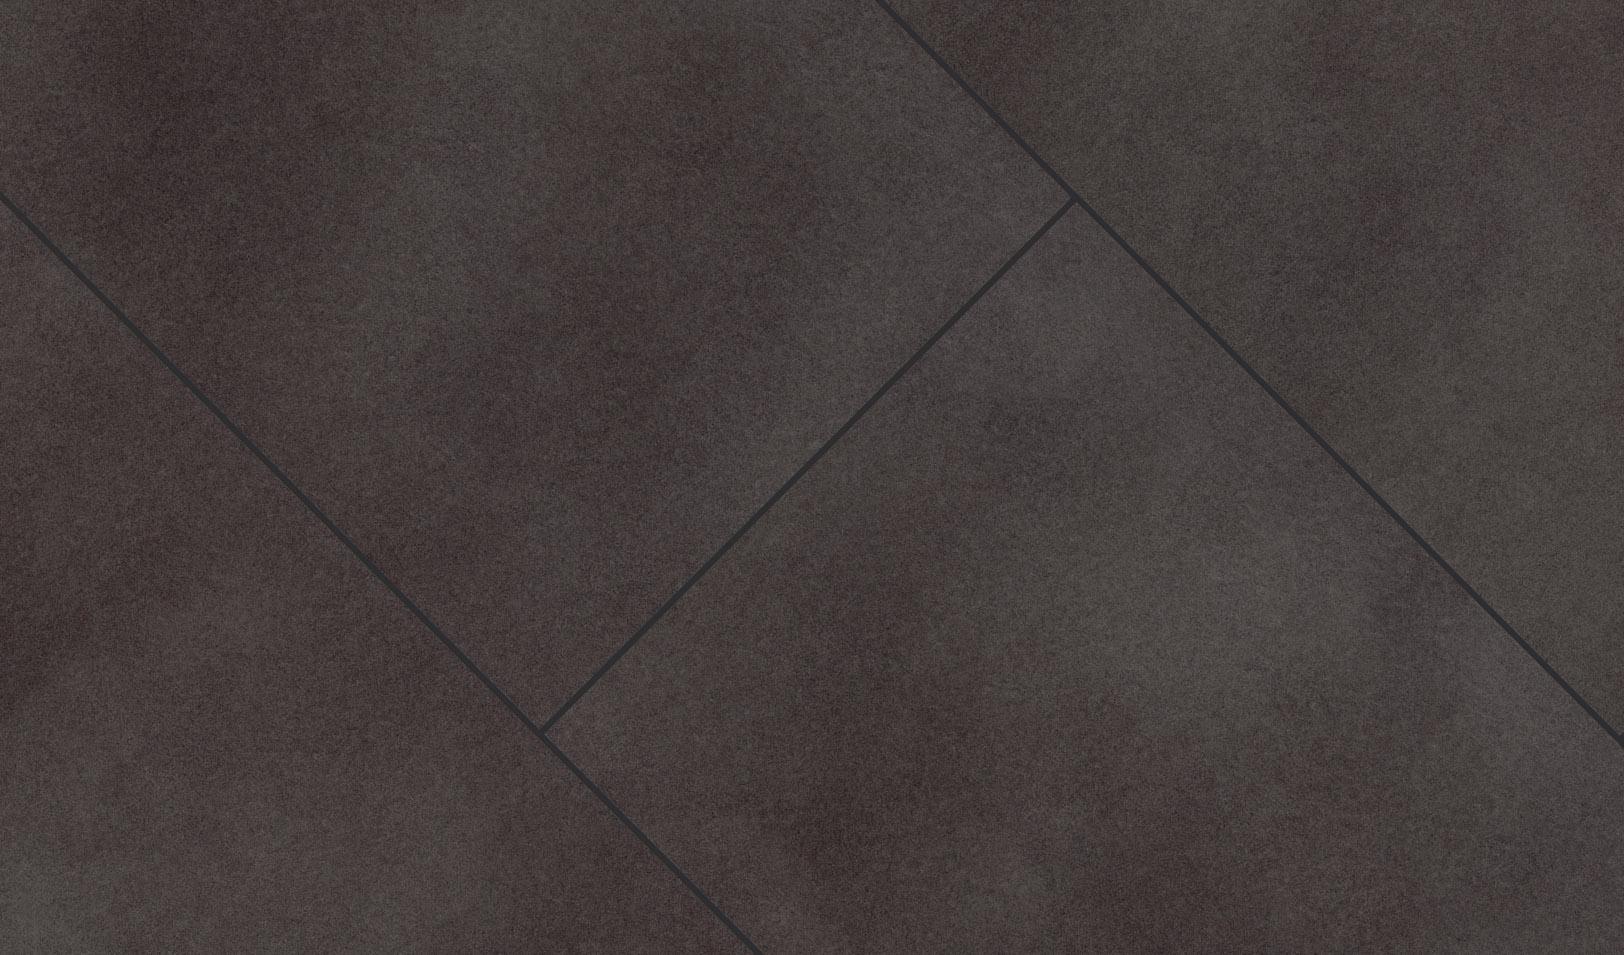 Berühmt Designboden Fliesenoptik Braun RP67